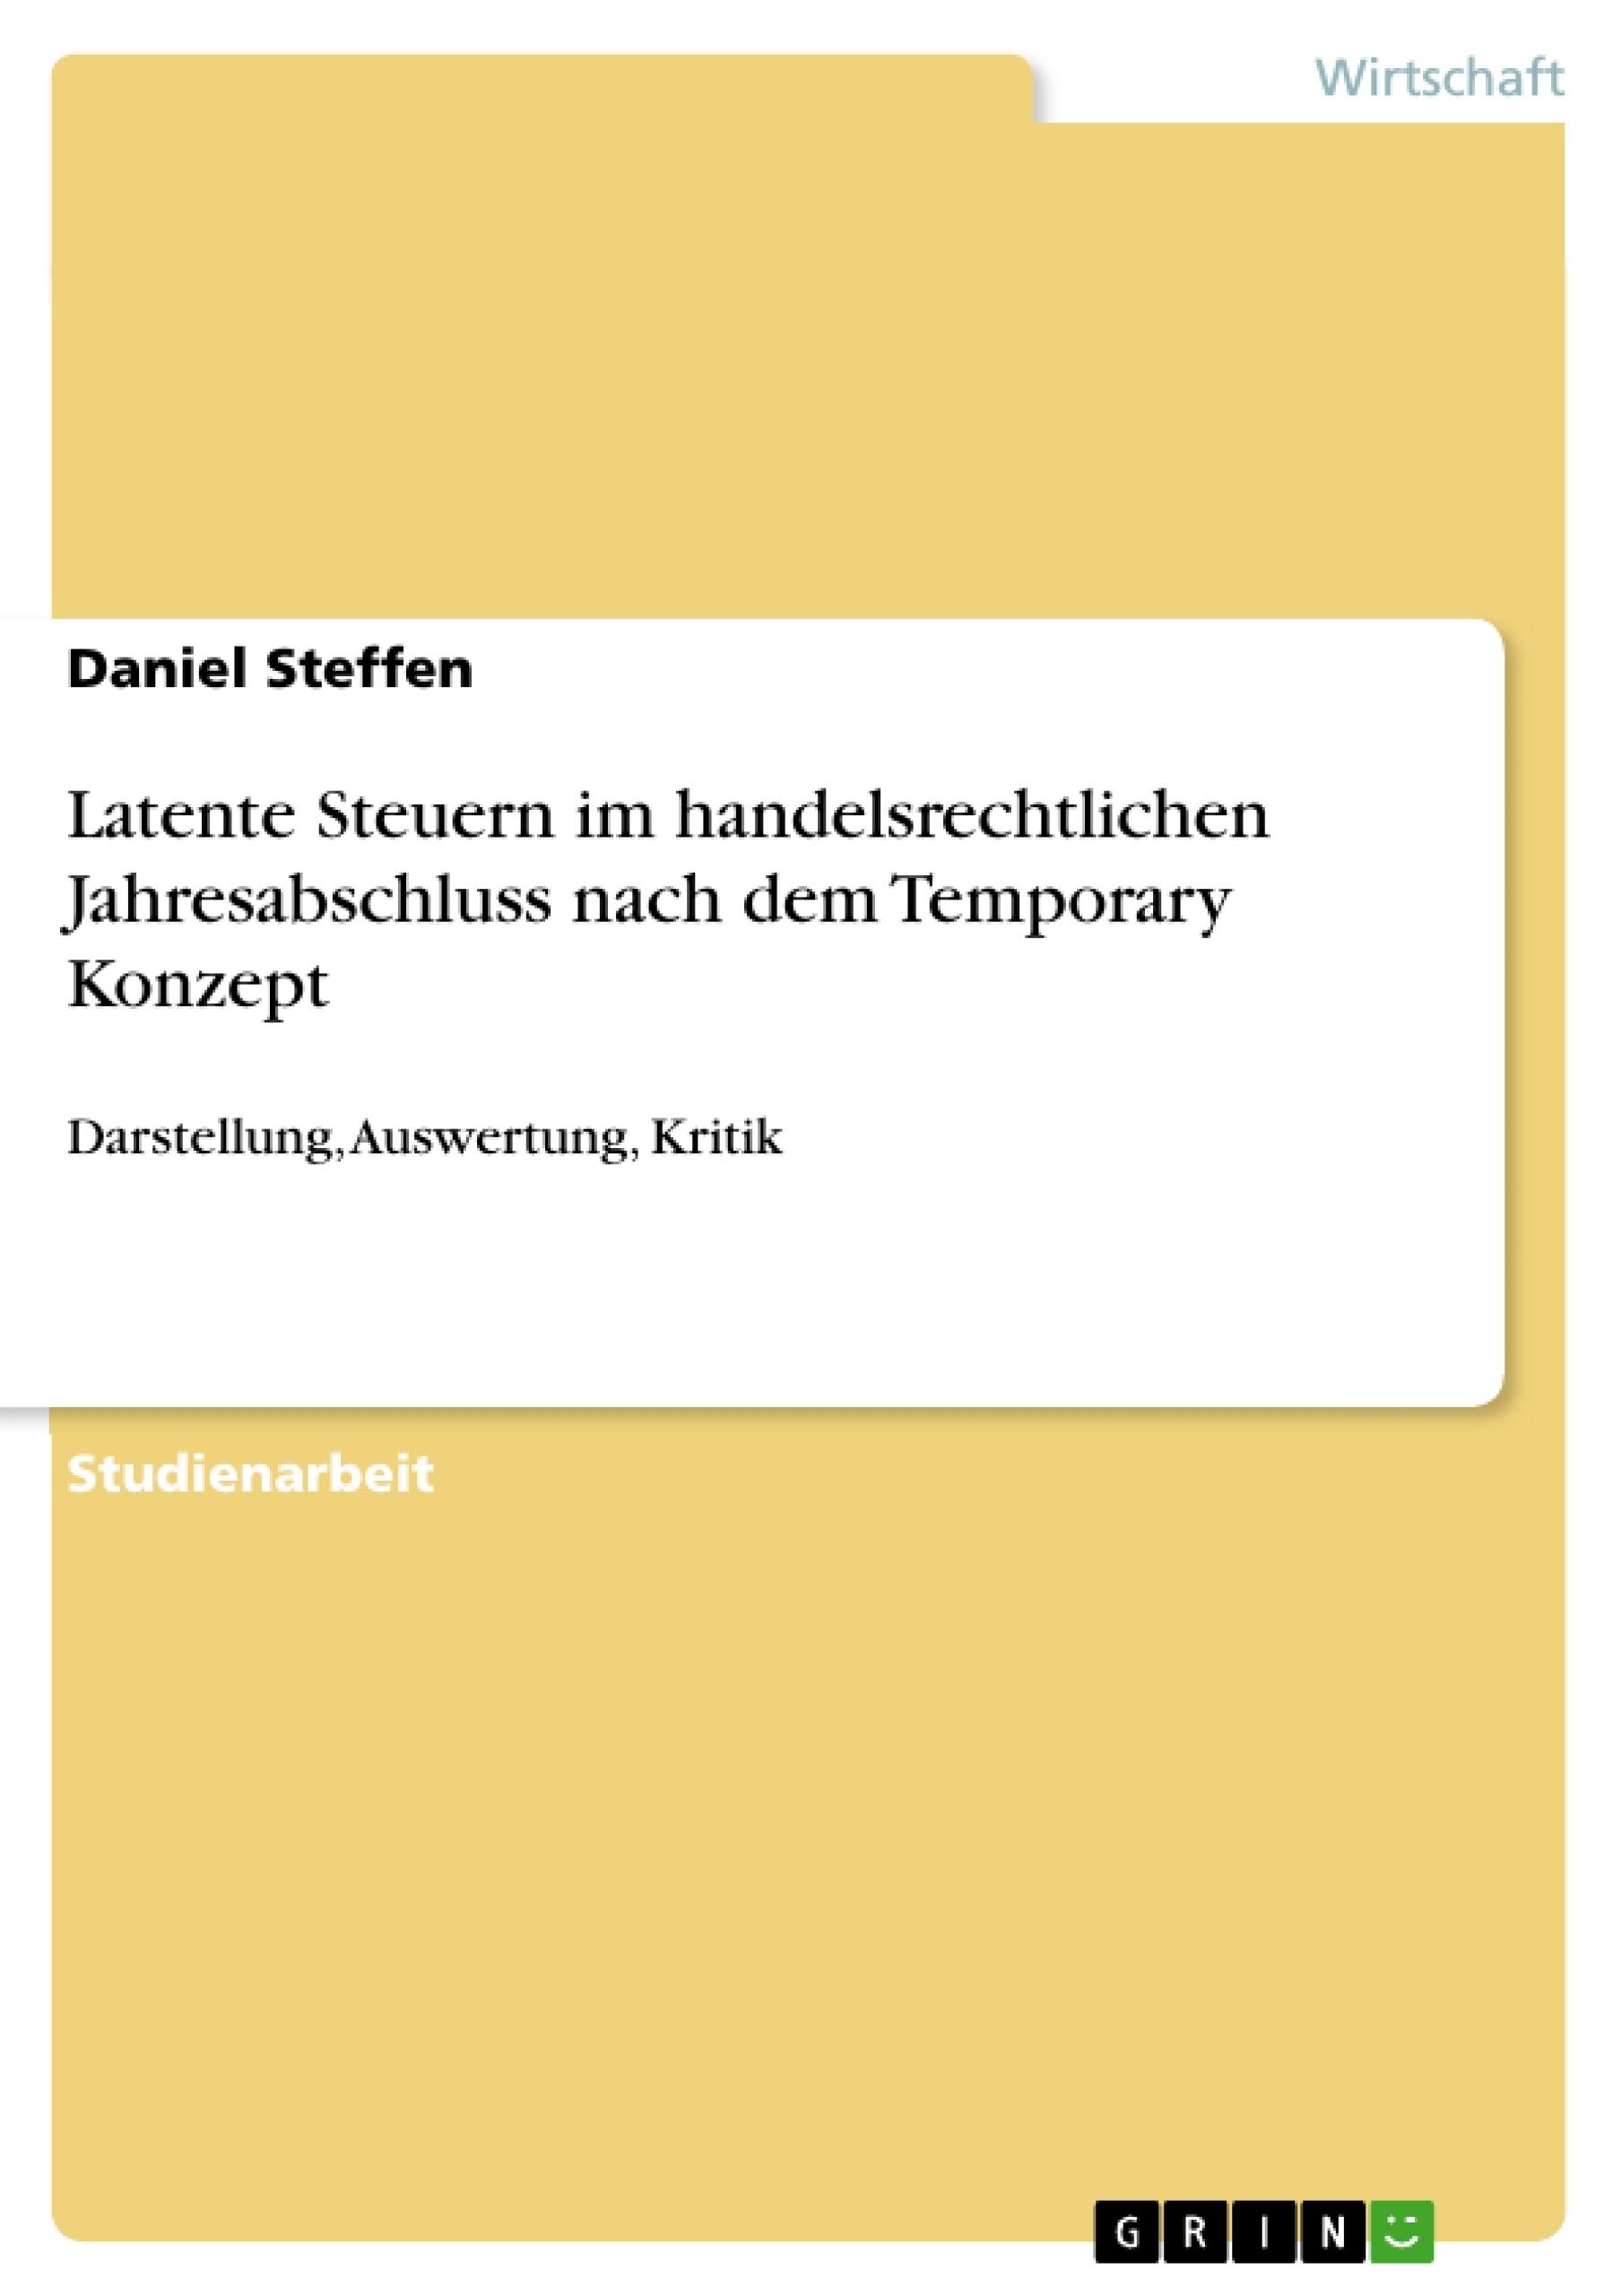 Titel: Latente Steuern im handelsrechtlichen Jahresabschluss nach dem Temporary Konzept